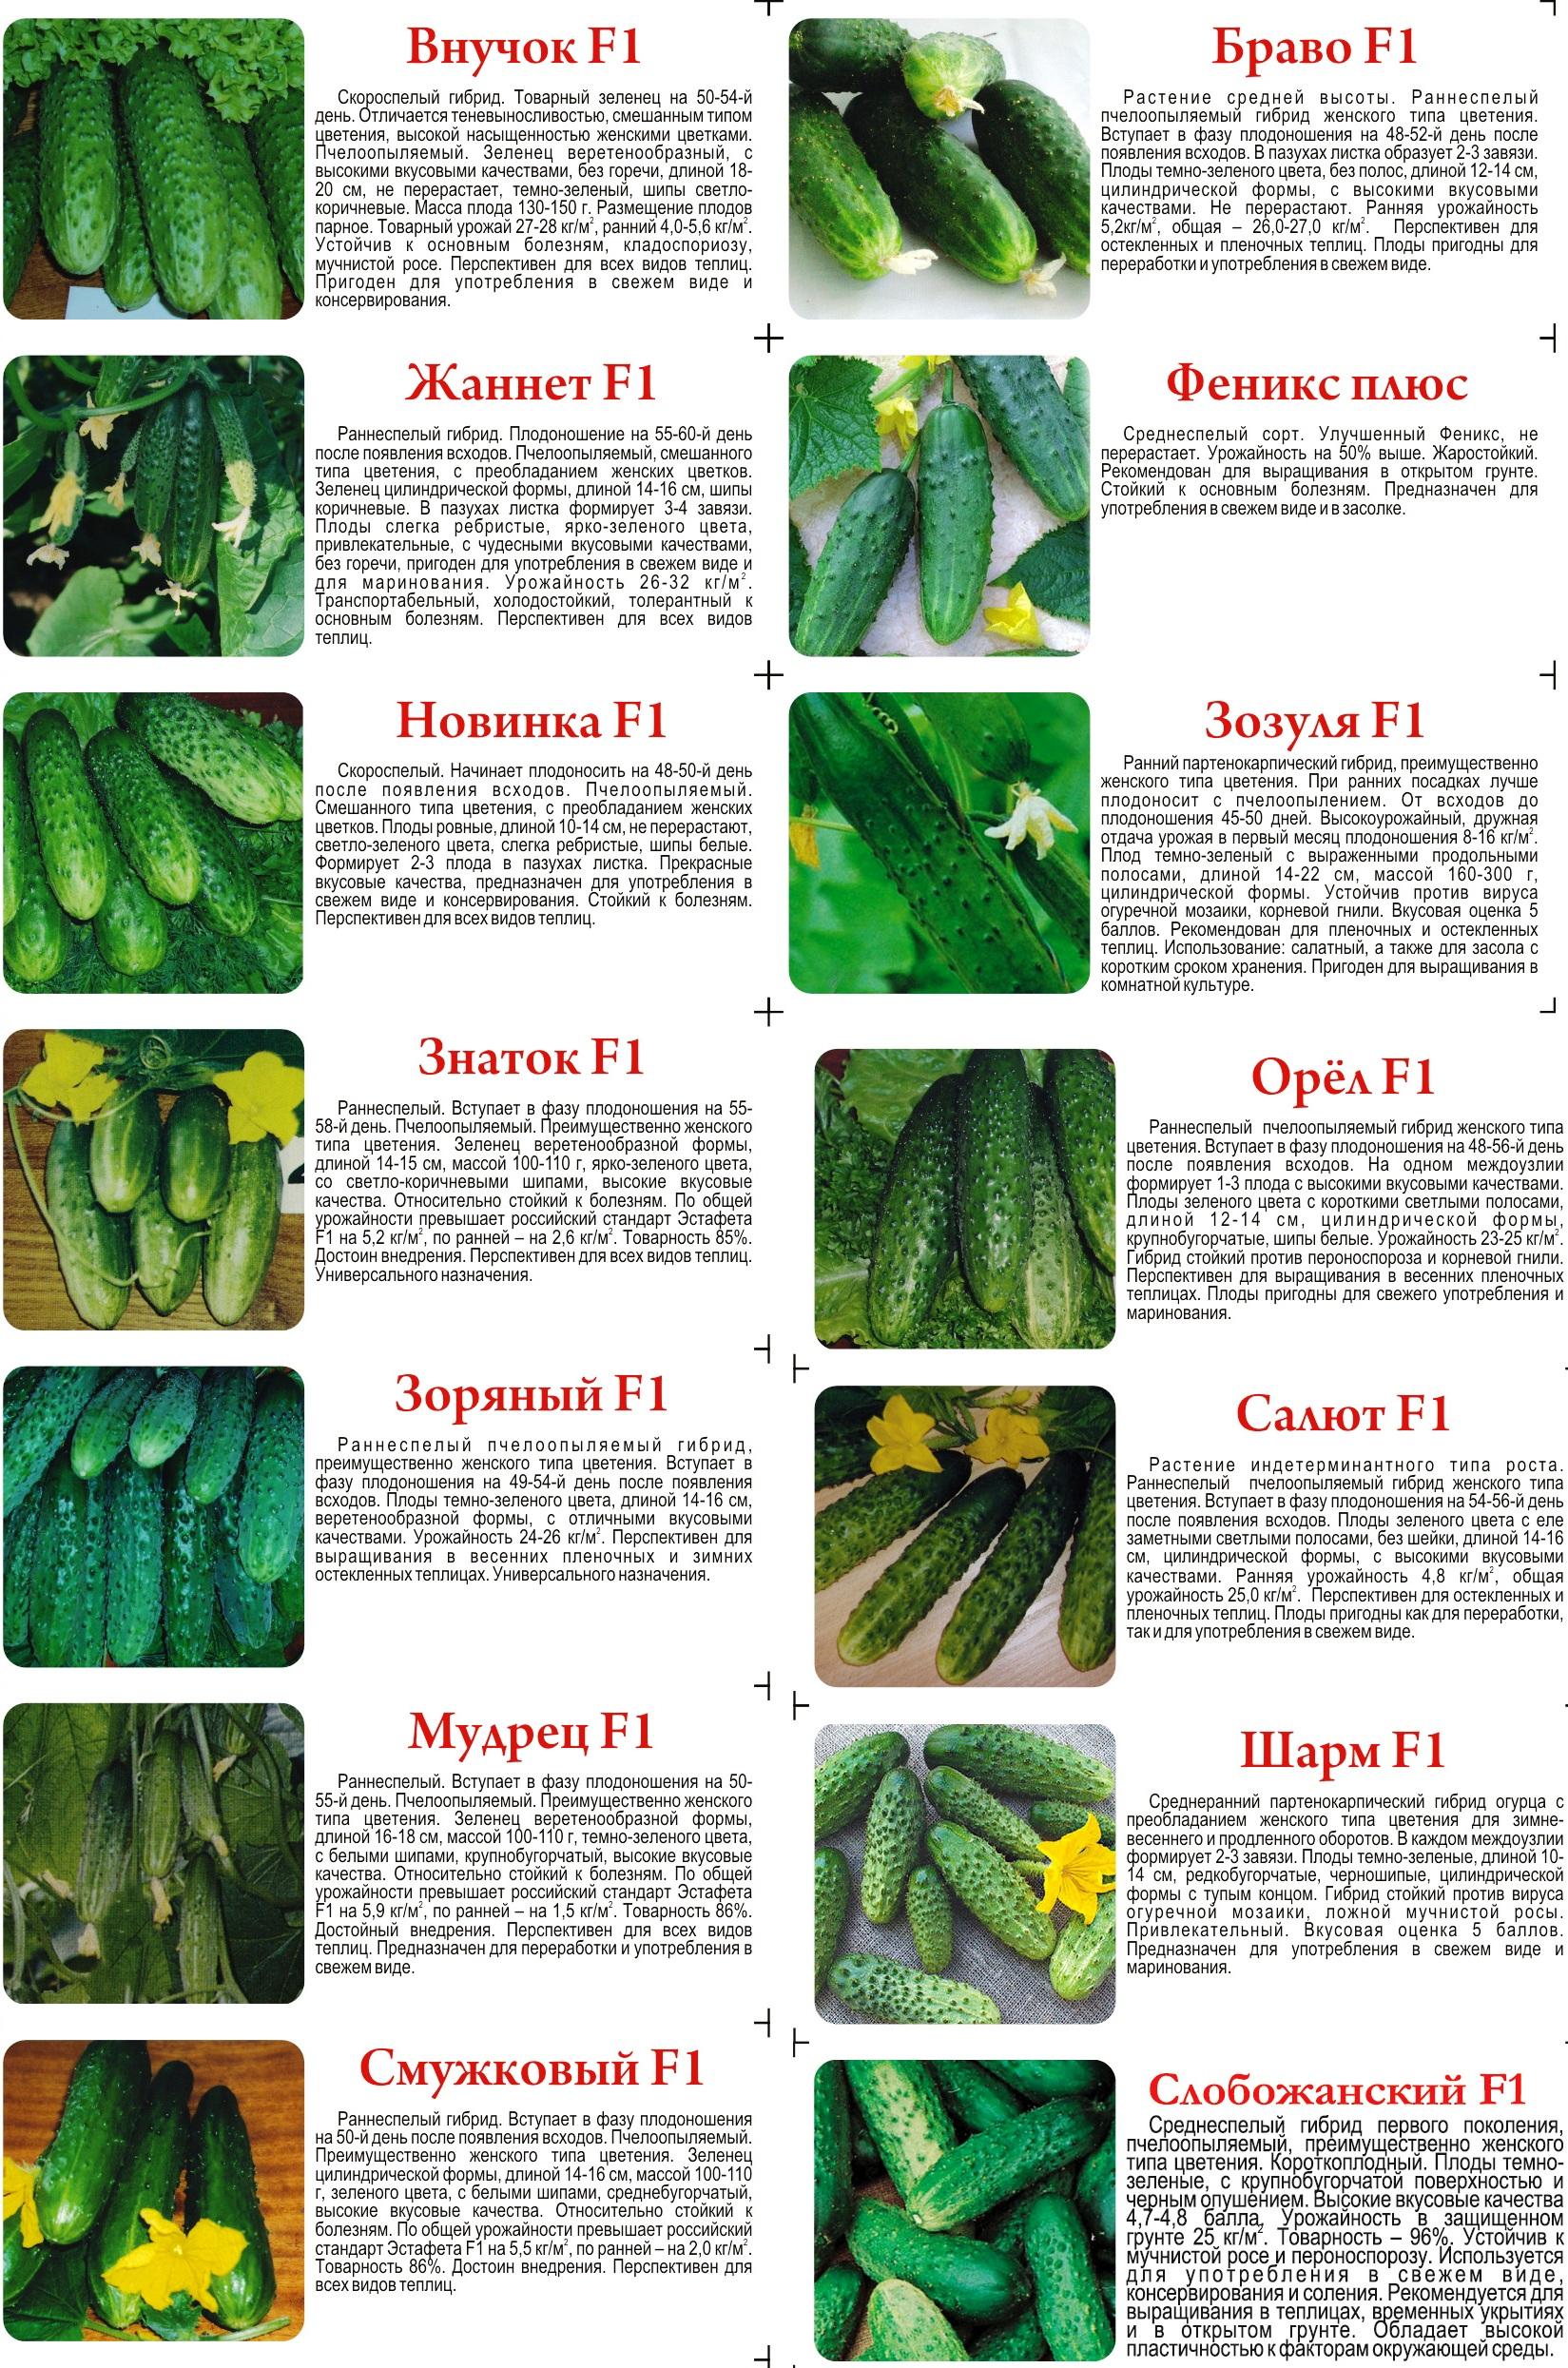 Огурцы в теплице: как выращивать и ухаживать для получения в.